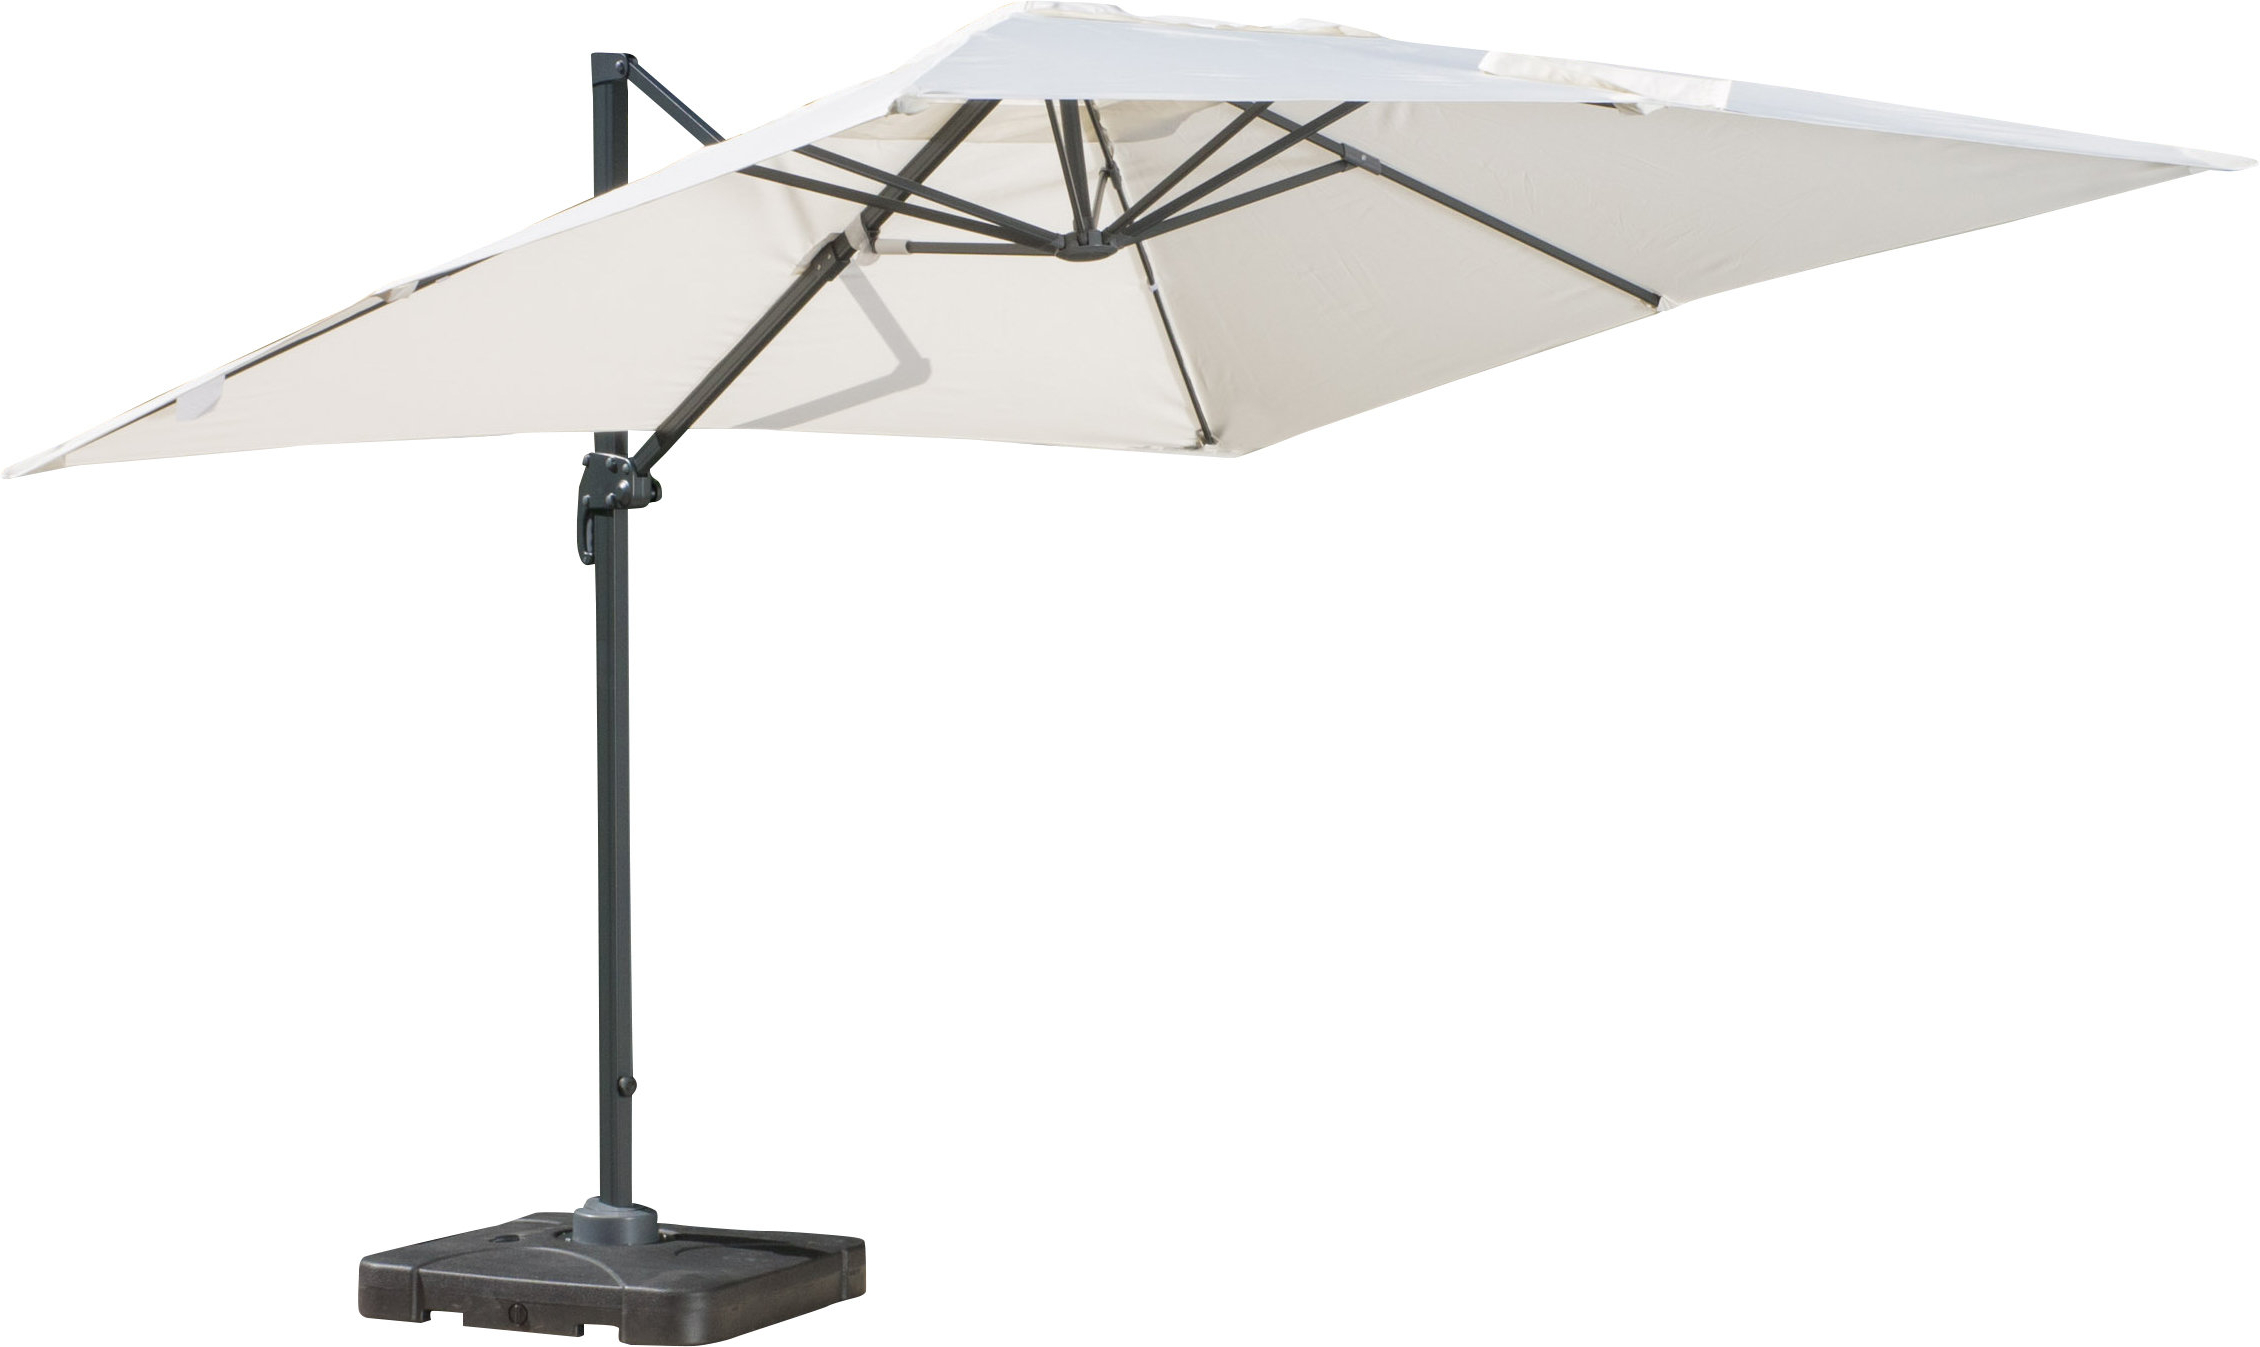 Wardingham Square Cantilever Umbrellas Pertaining To 2020 Boracay 10' Square Cantilever Umbrella (View 17 of 20)